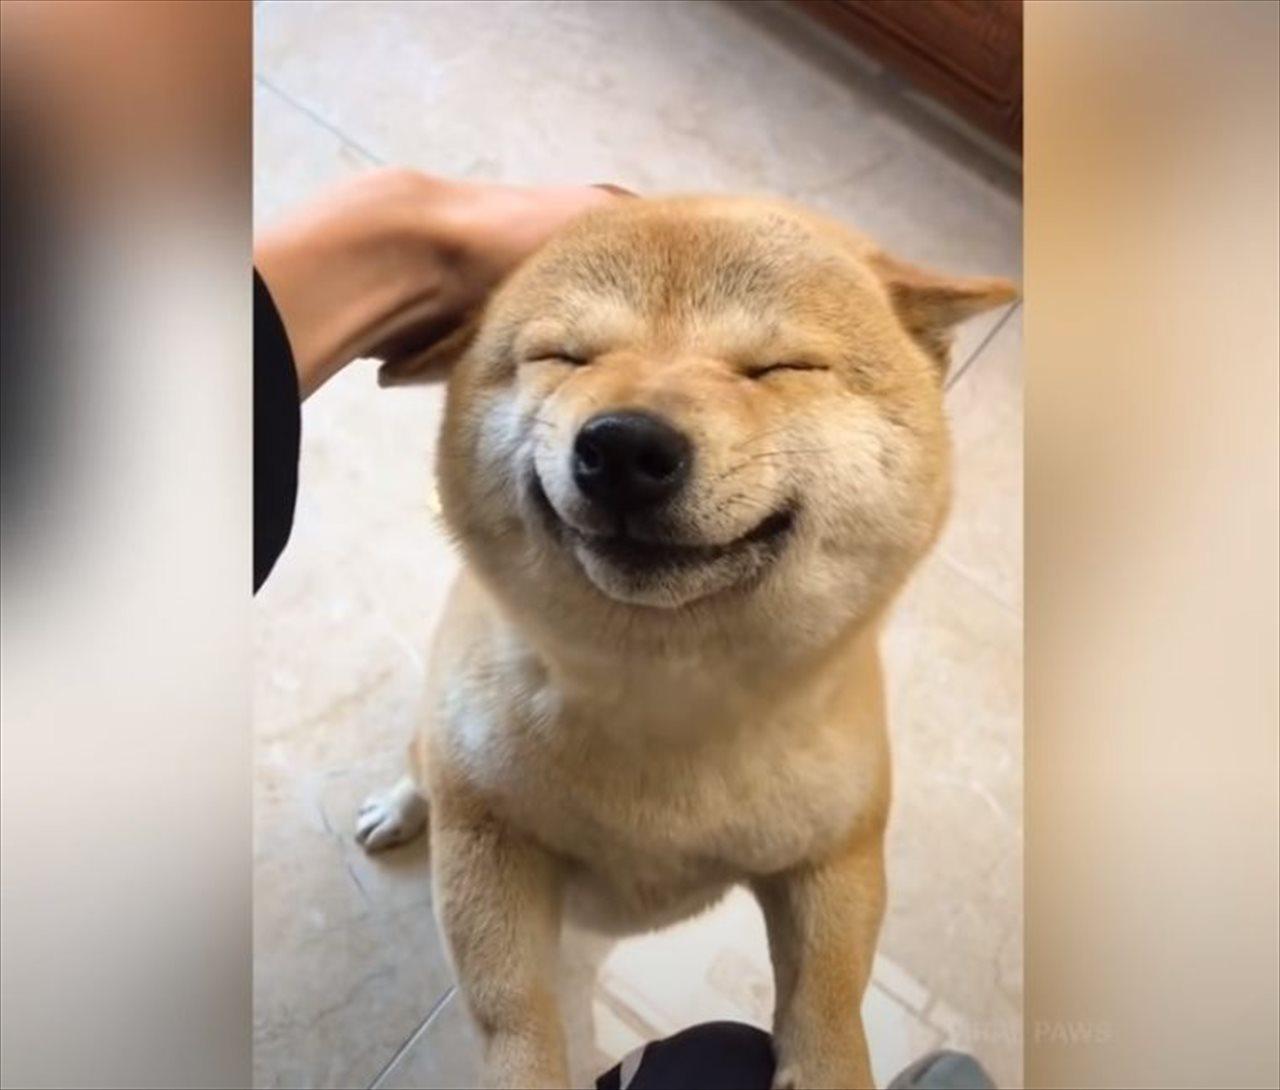 柴犬の笑顔はプライスレス!ただただ柴犬の笑顔に癒される動画が話題に!